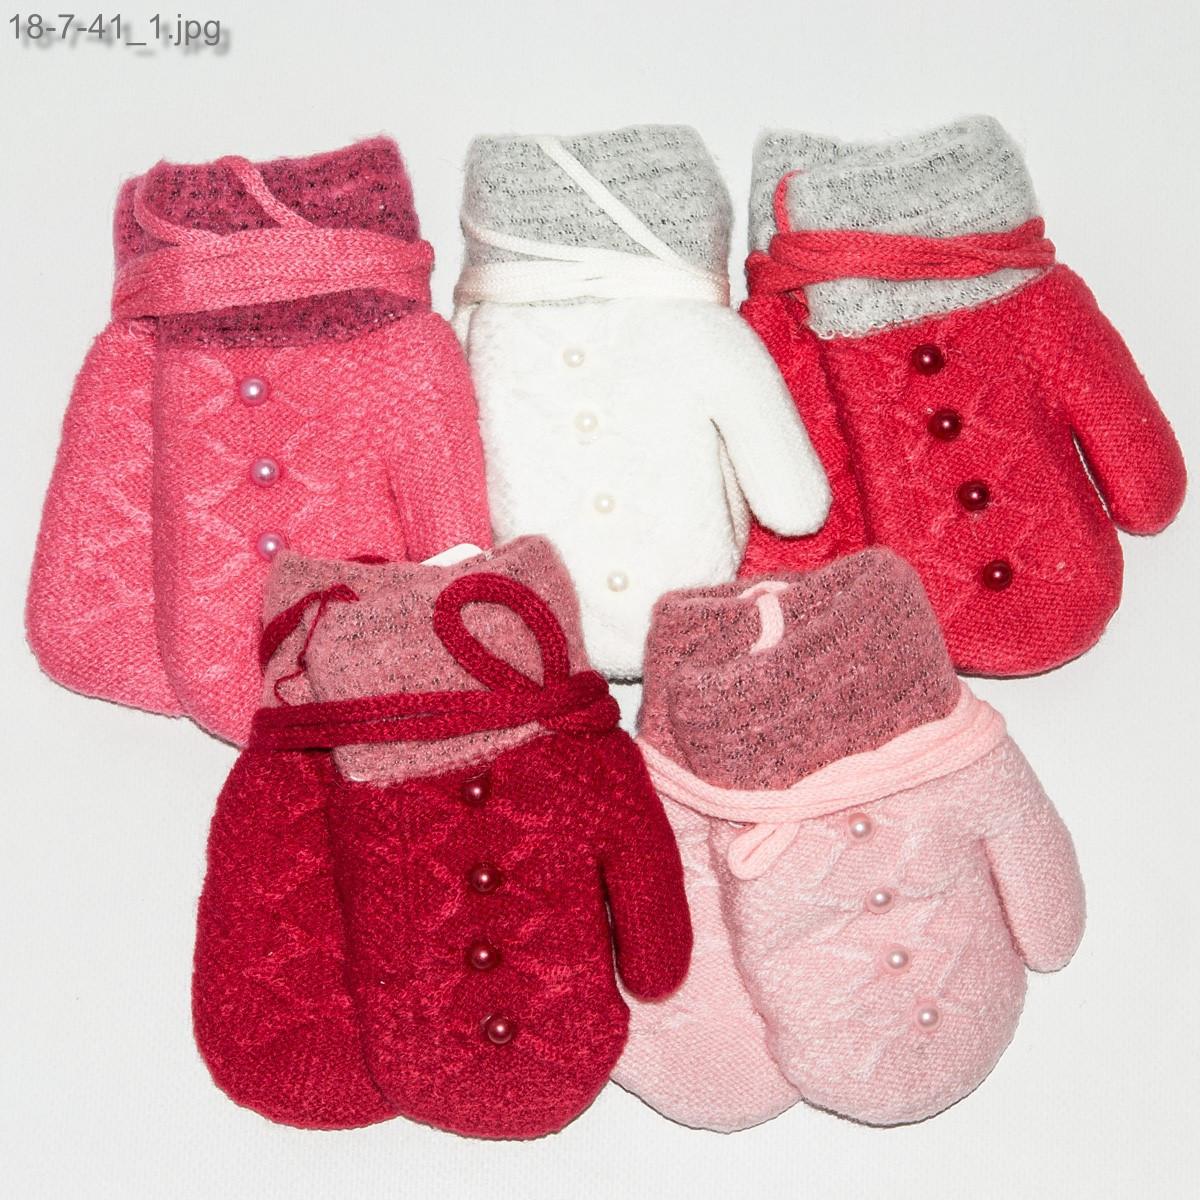 Оптом рукавички детские двойные с махровой подкладкой на 2-4 года - №18-7-41